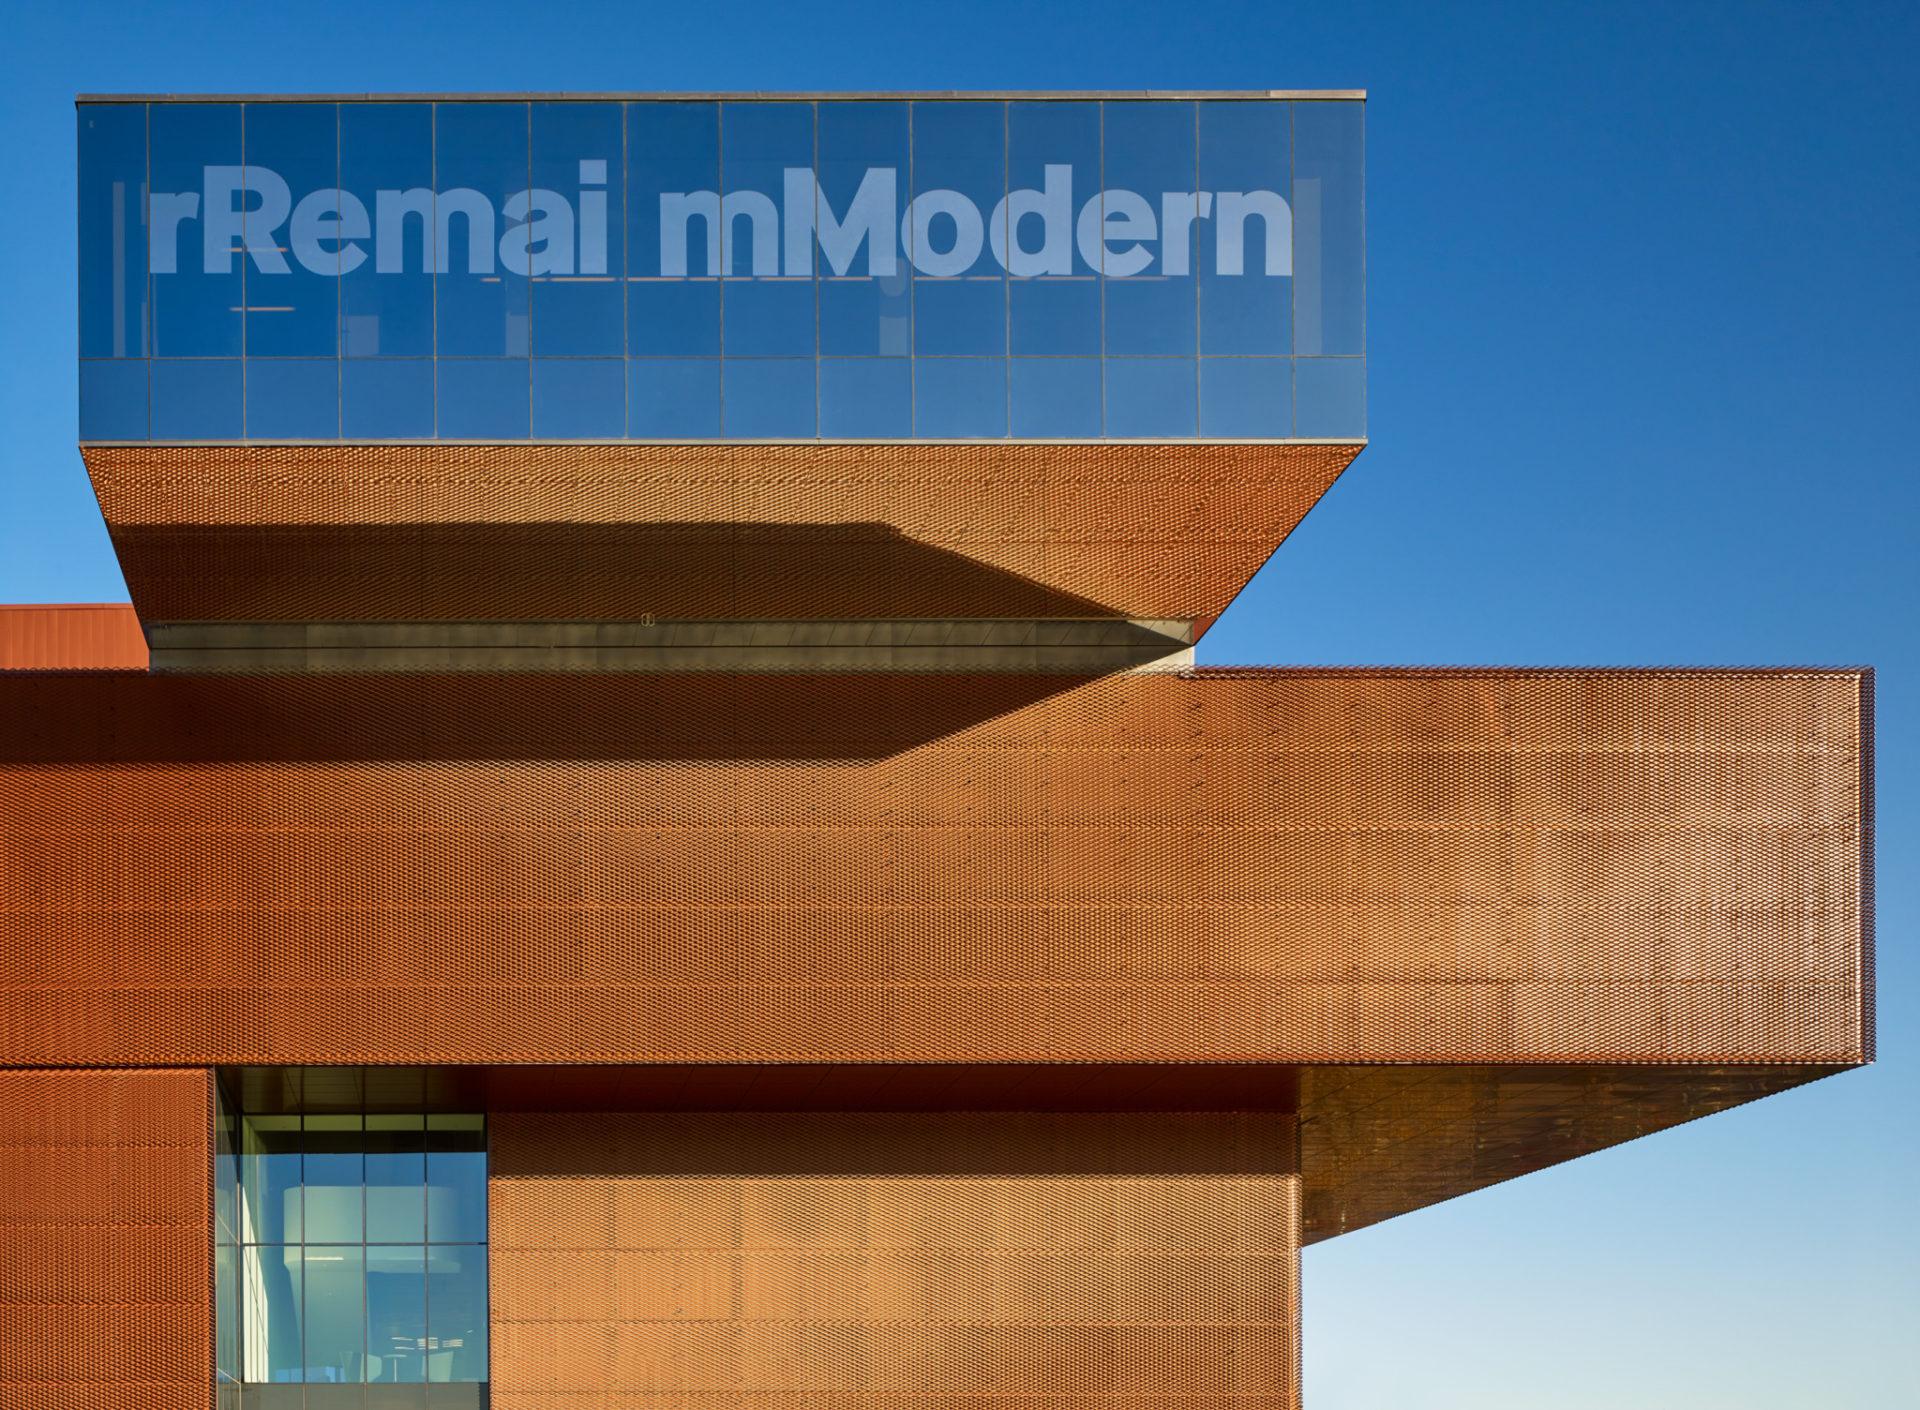 remai-modern-018-1920x1410.jpg